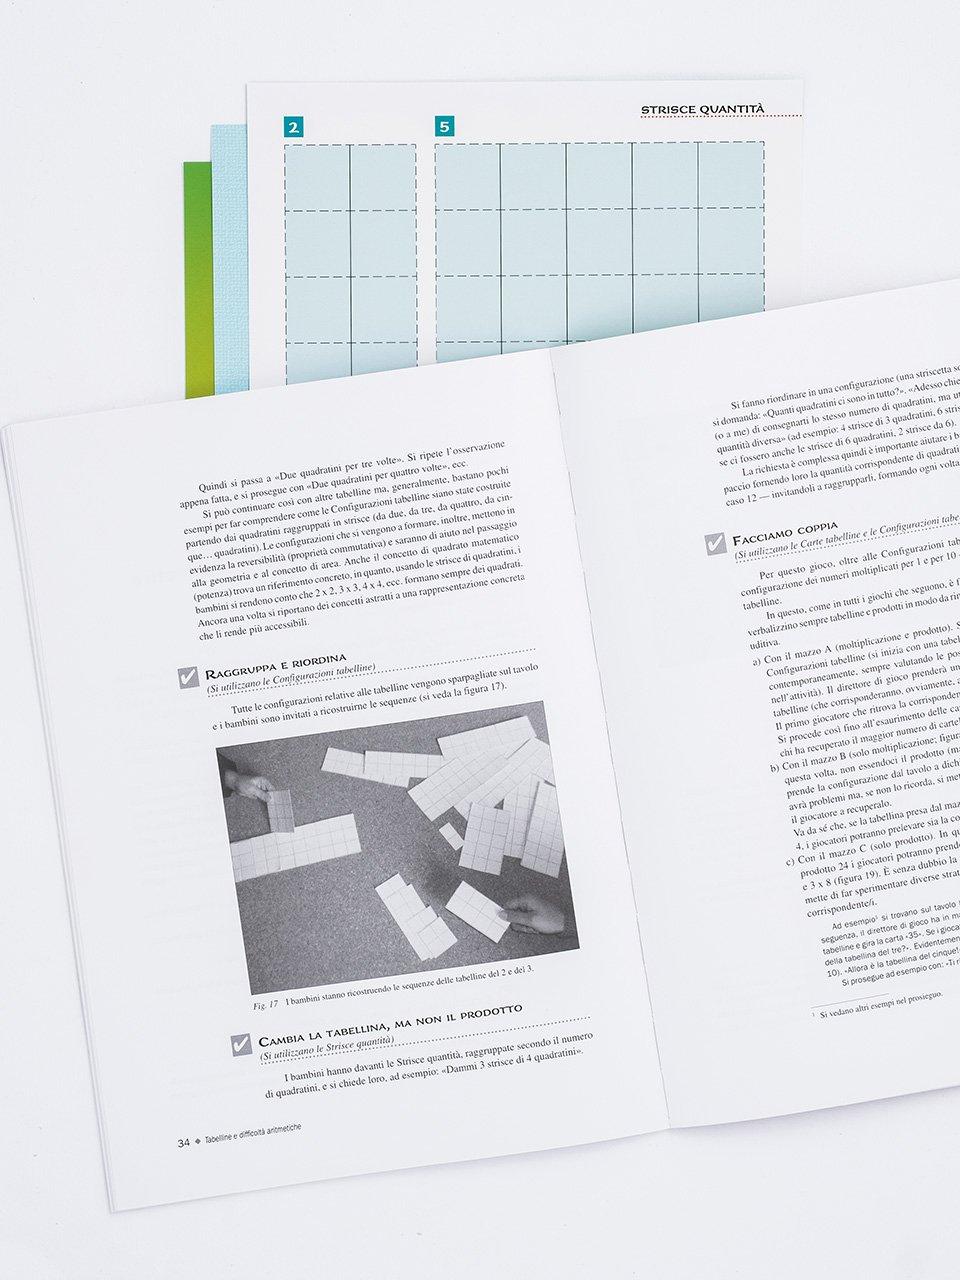 Tabelline e difficoltà aritmetiche - Libri - App e software - Erickson 2